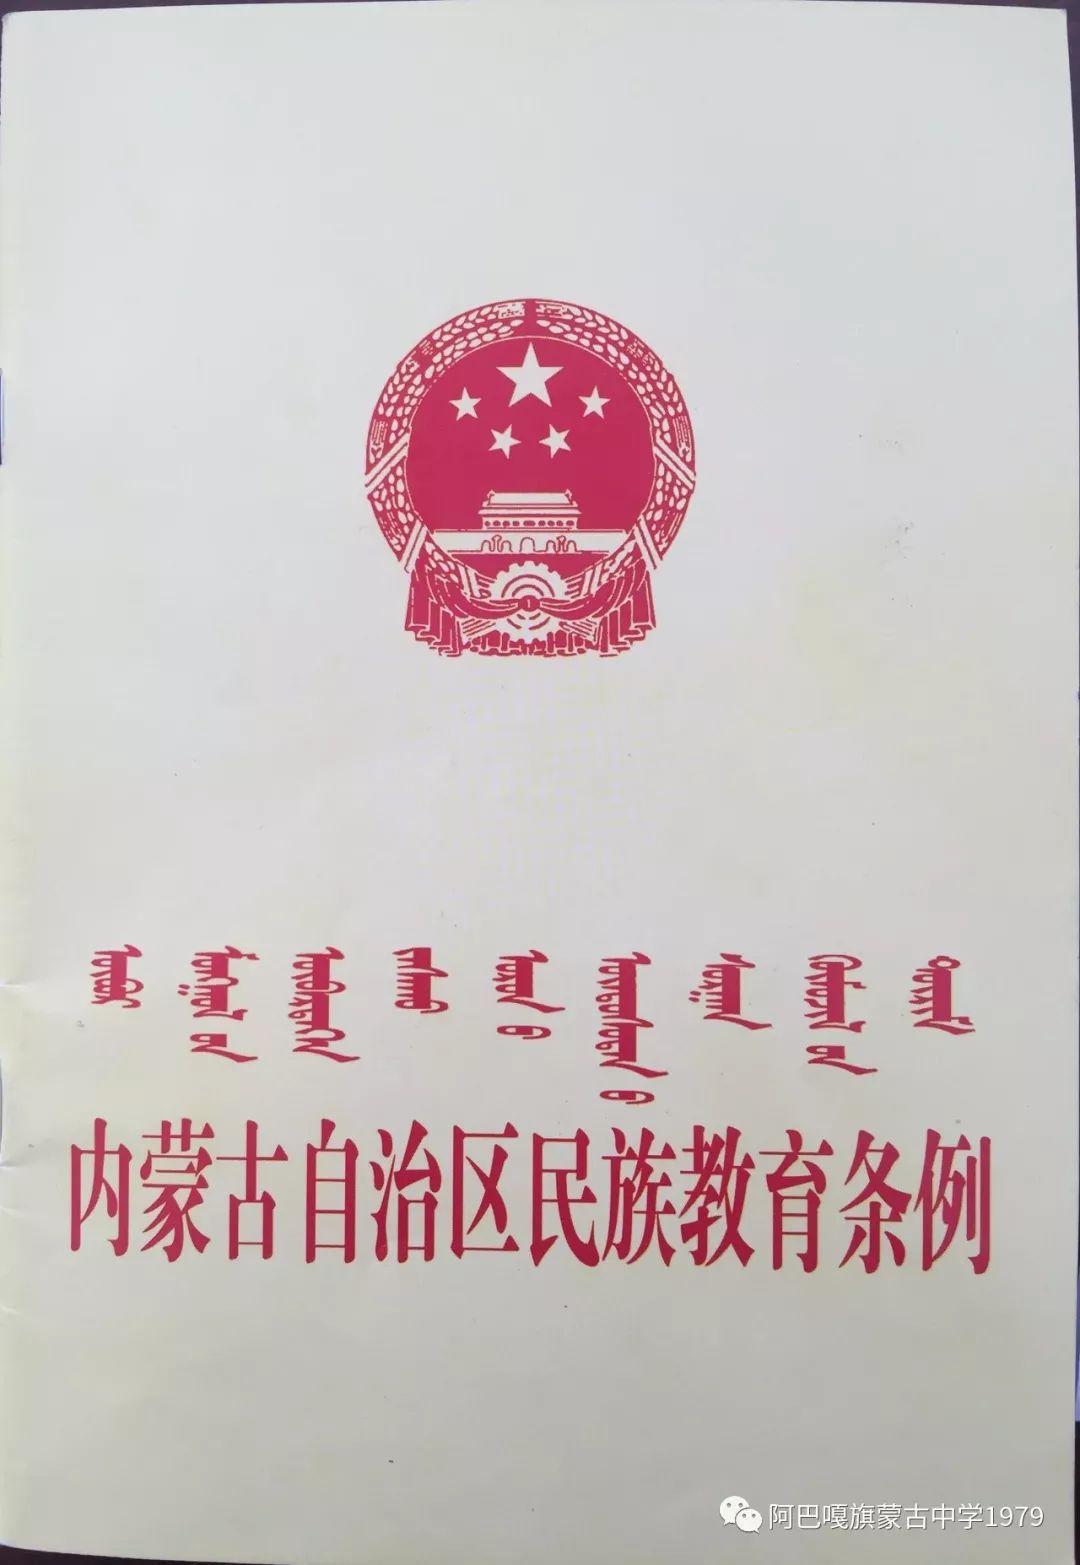 内蒙古自治区民族教育条例(蒙古文)